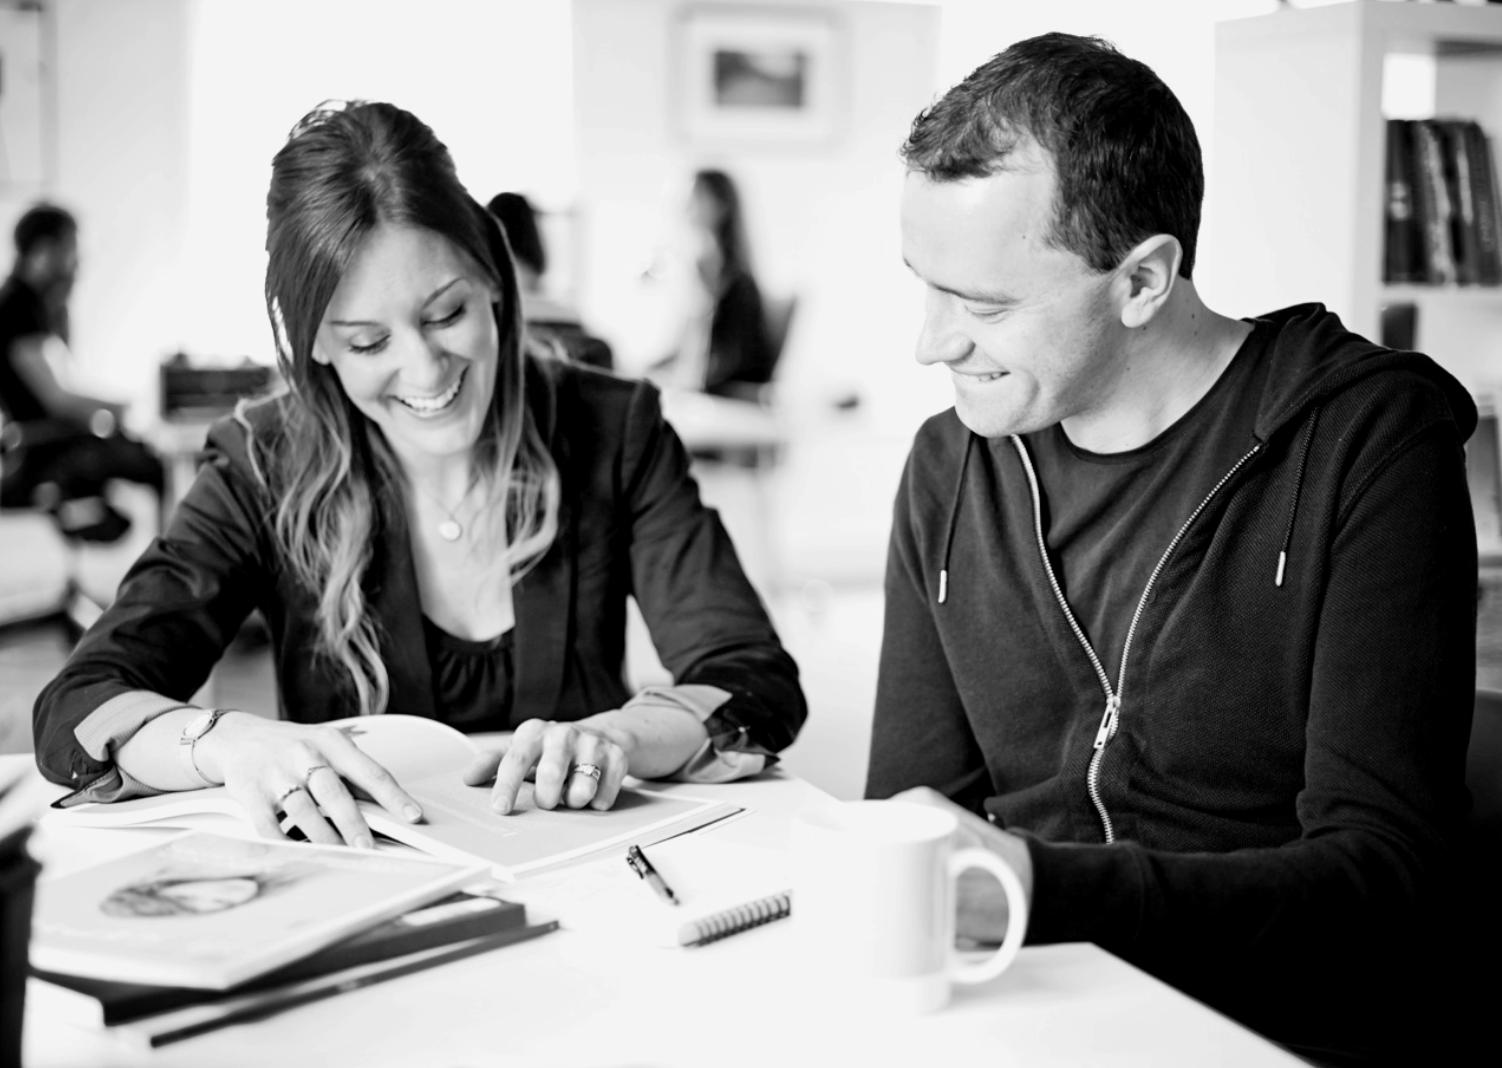 I'm Thomas Simon, a Sydney-based freelance copywriter. - I provide audience-focused web, blog and marketing copy that speaks your customers' language.